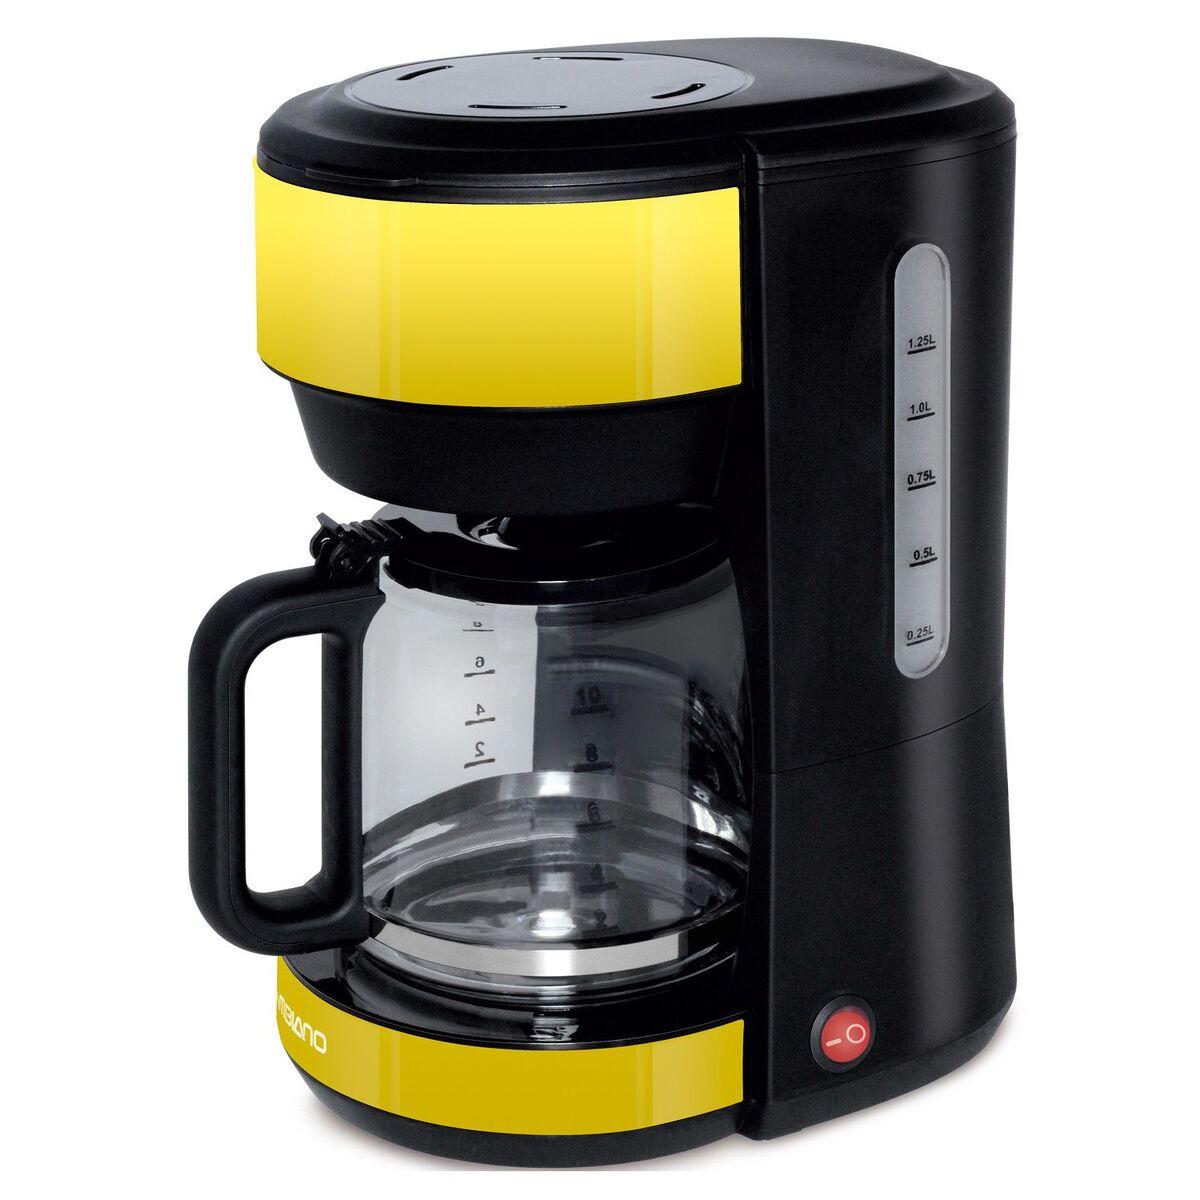 Bild 3 von AMBIANO Kaffeemaschine